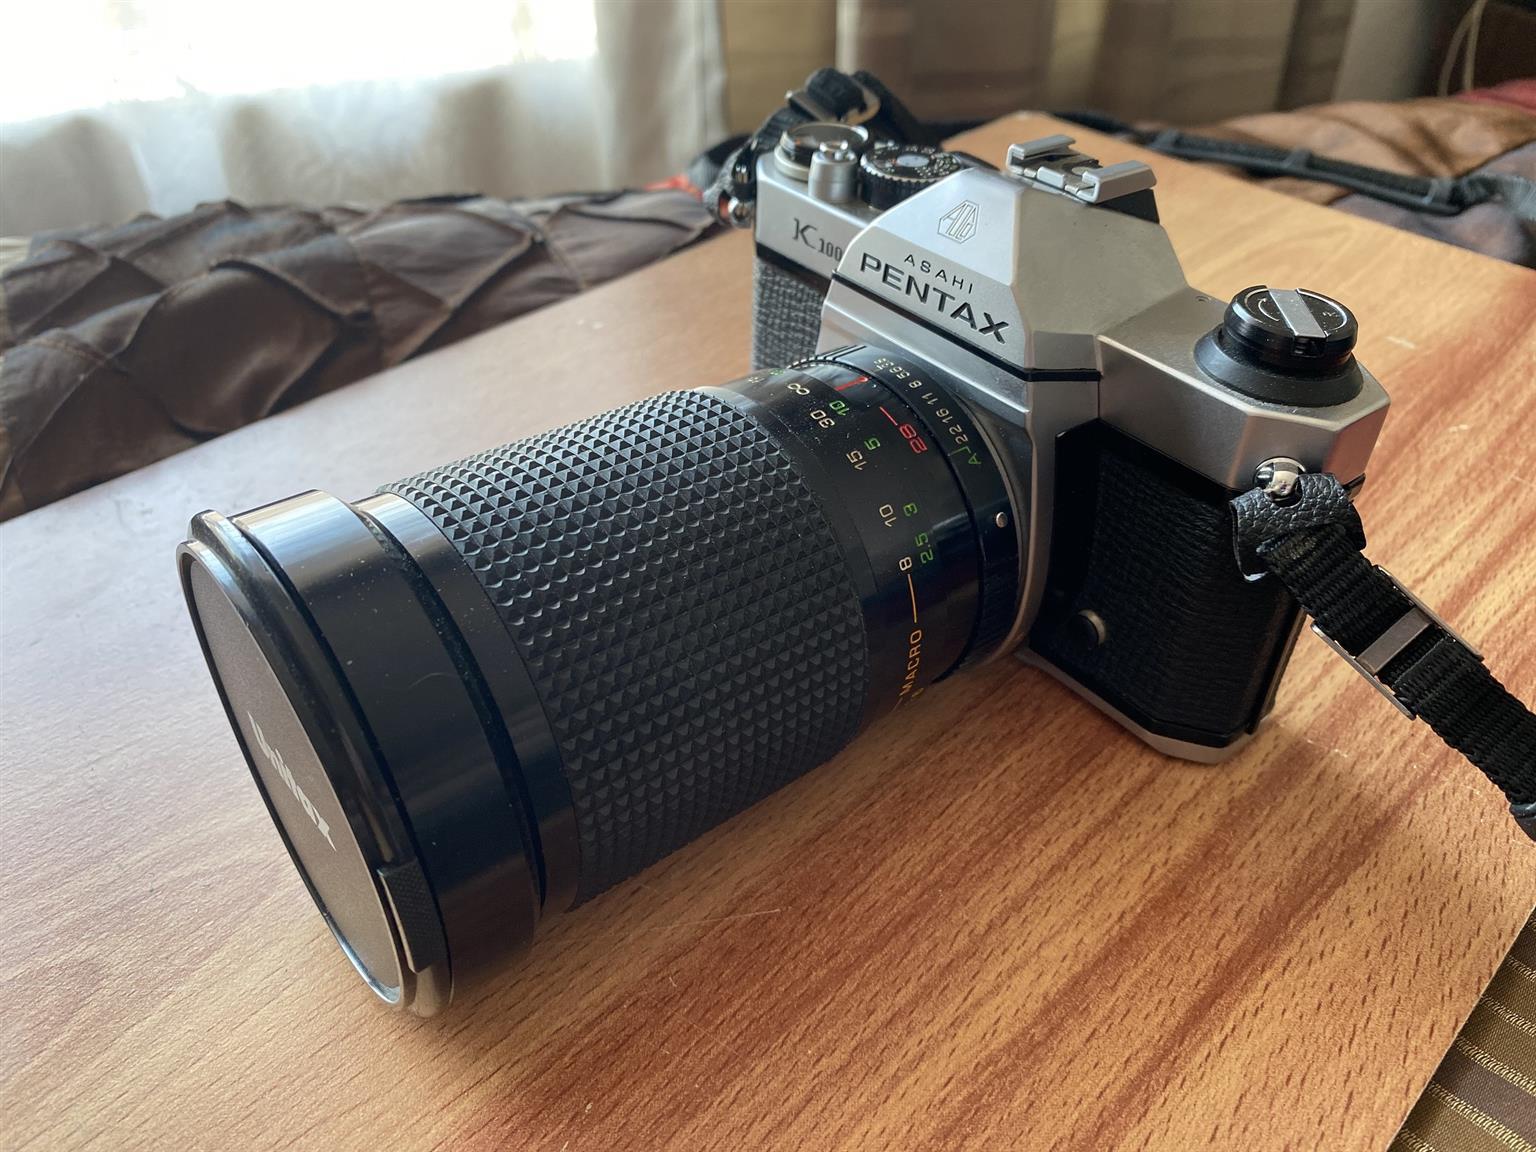 Pentax K1000 35mm film camera